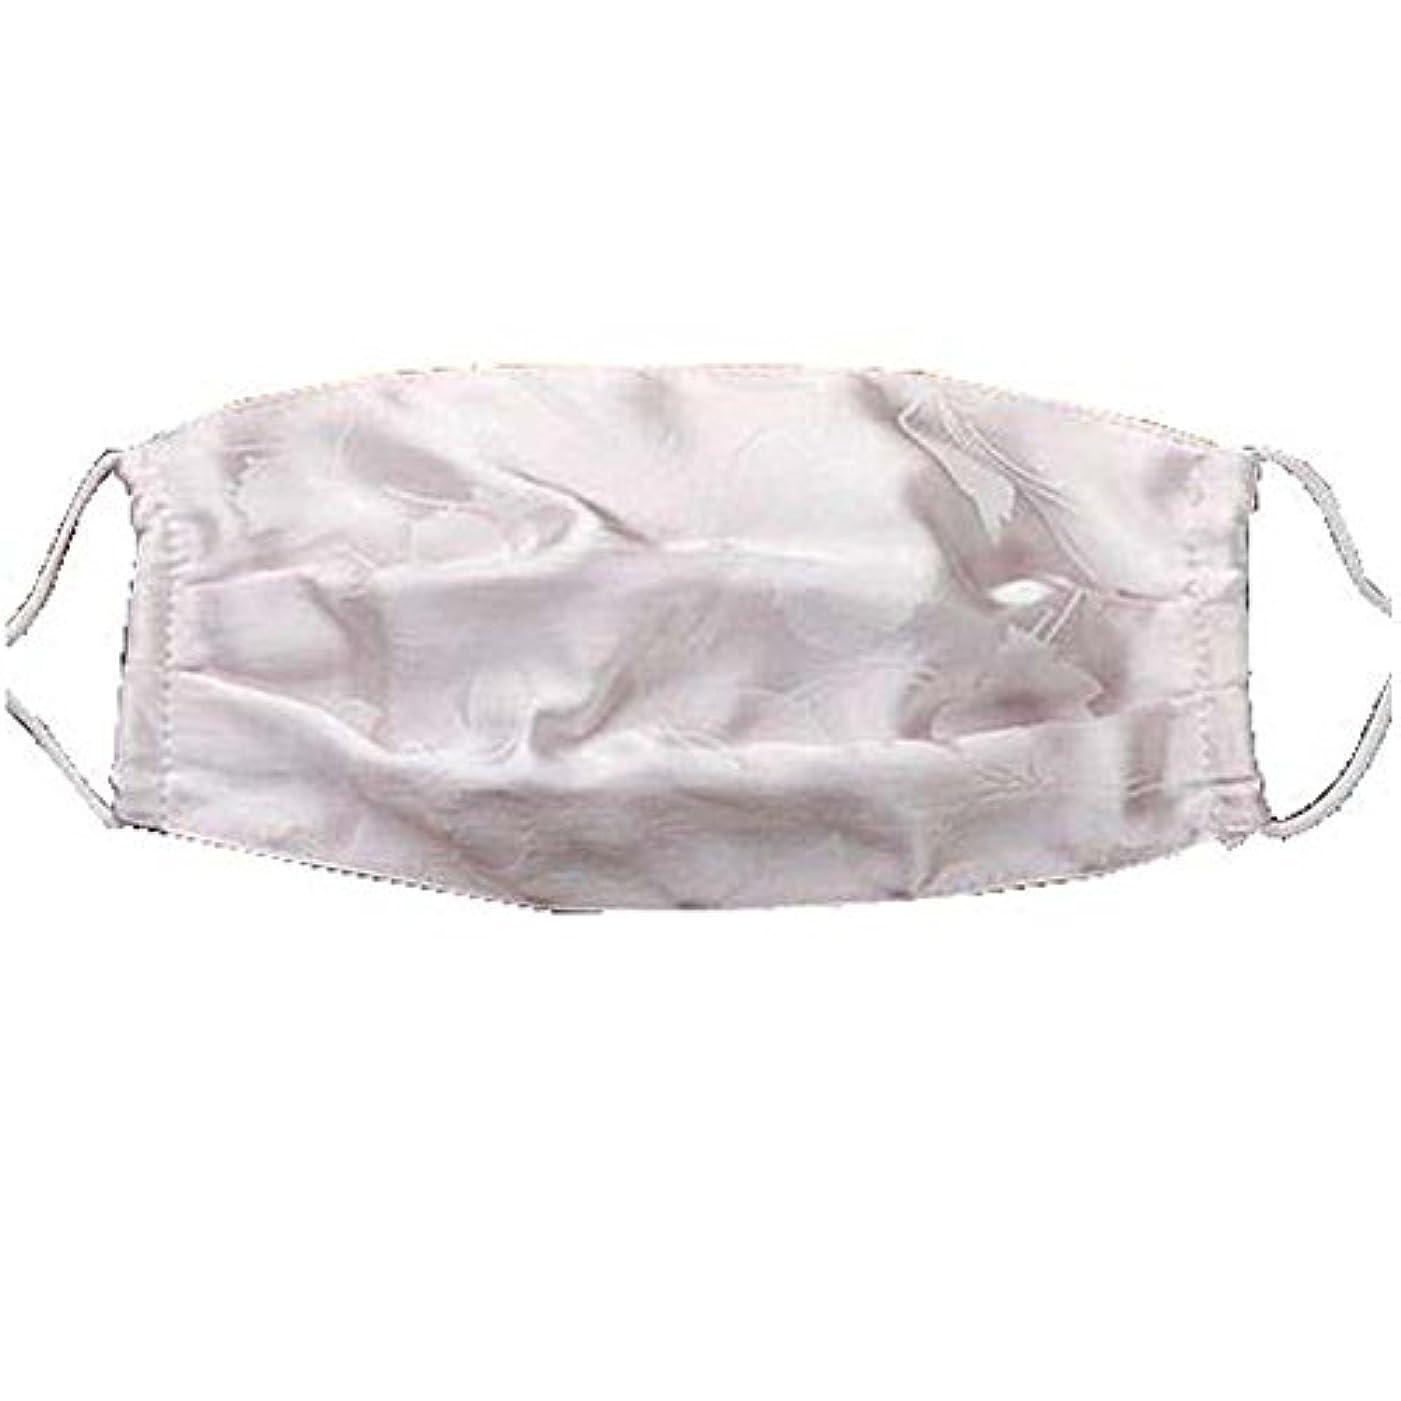 閉塞神経ダンス口腔マスクダストマスク抗汚染活性炭フィルターインサートシルクマスク